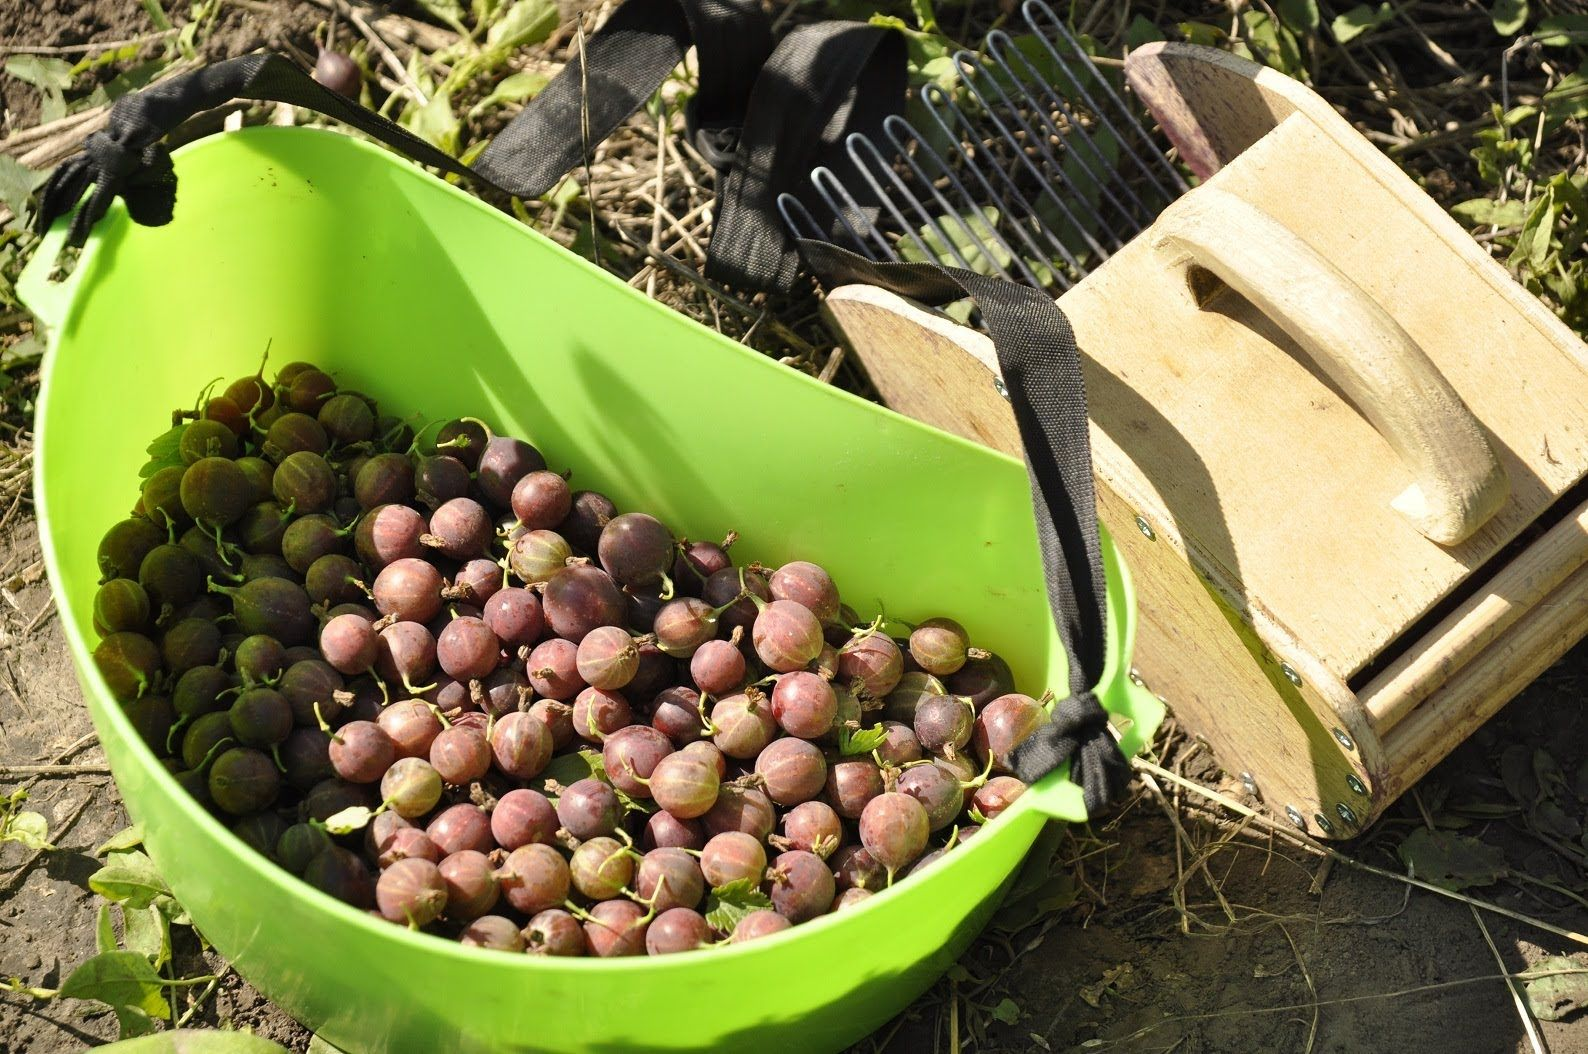 Выращивание смородины как бизнес – бизнес-план с расчетами